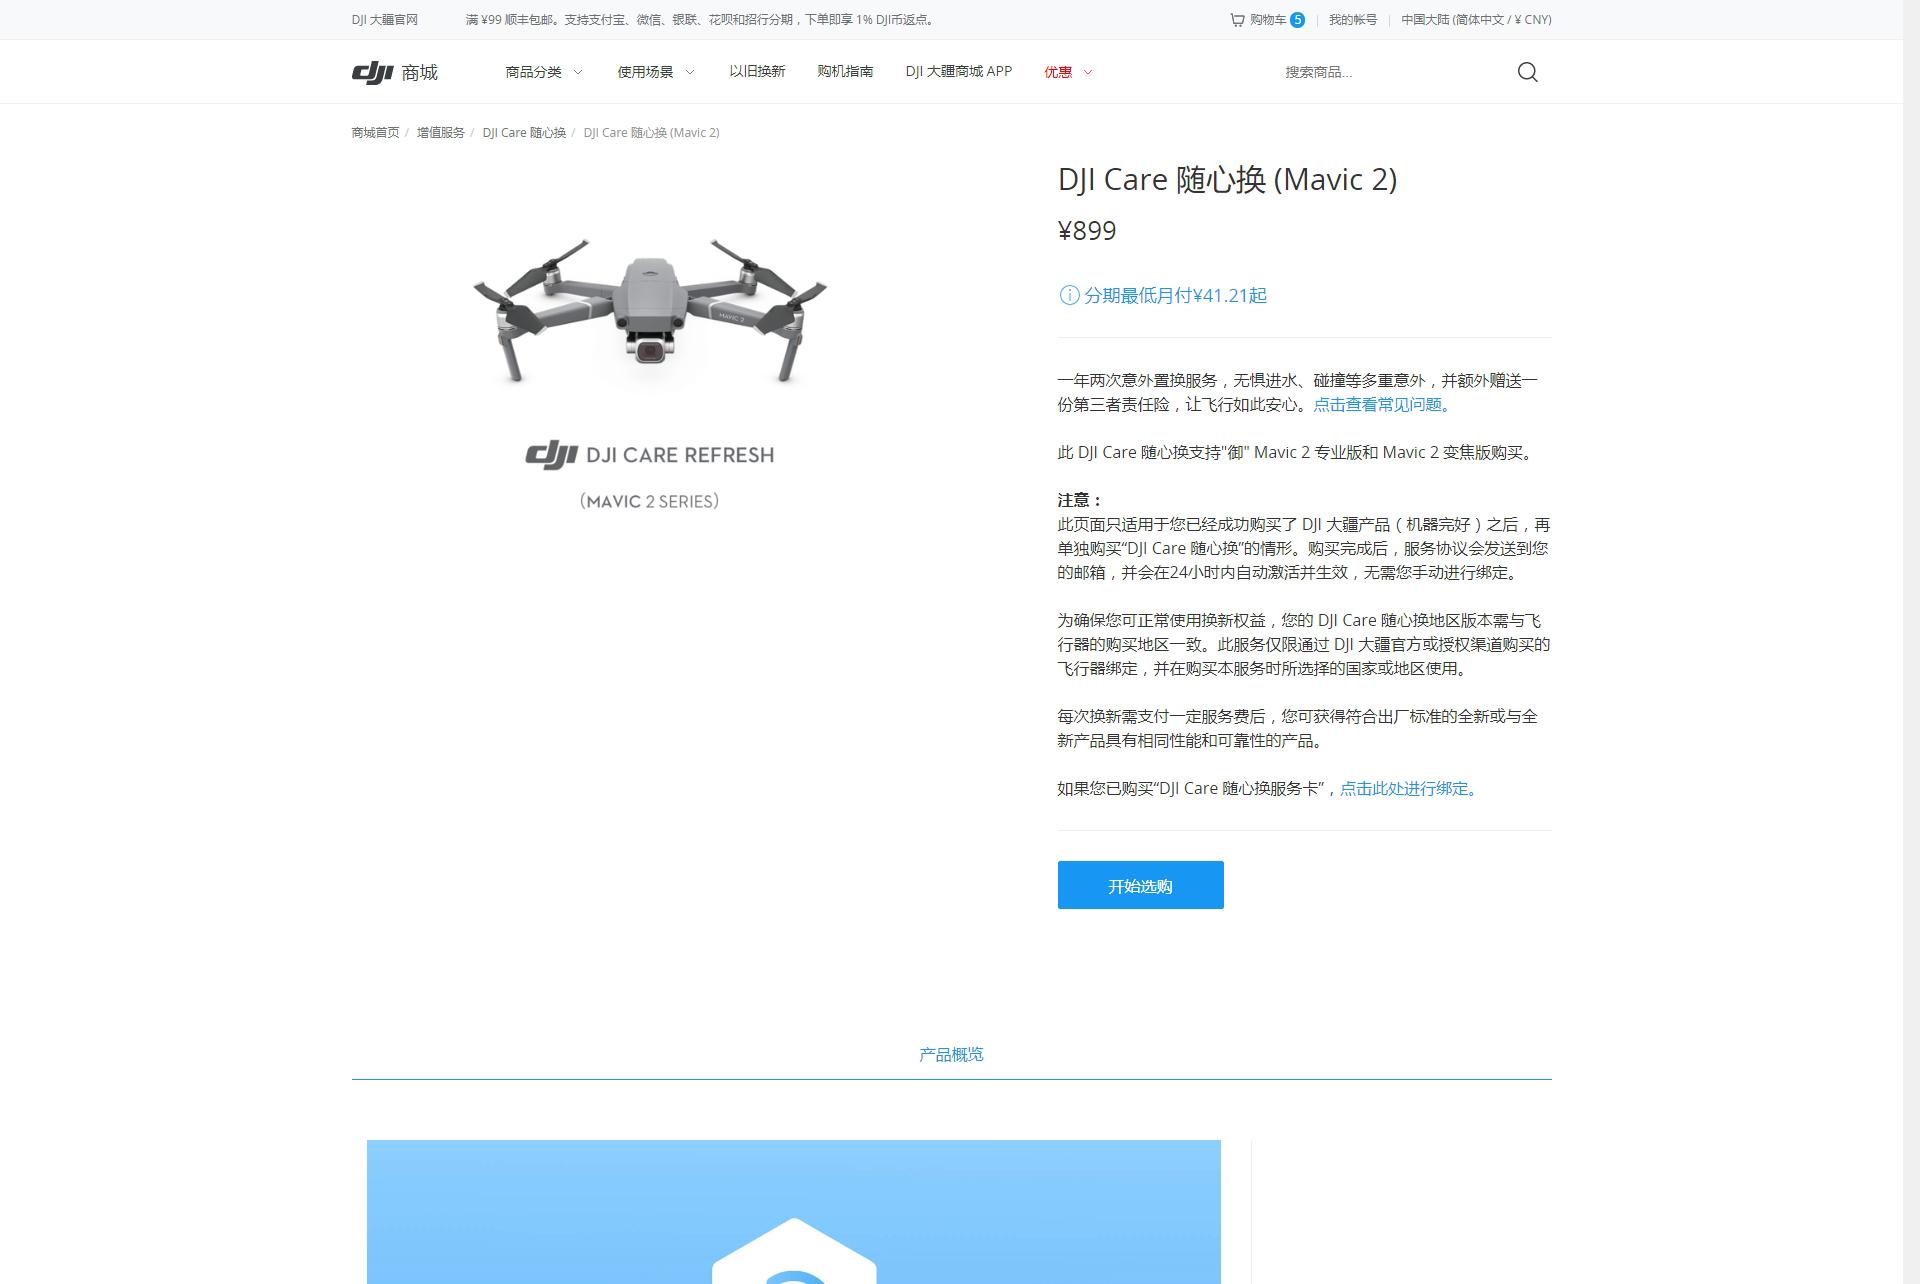 玩大疆无人机购买DJI CARE 随心换安心飞行的必要性和激活教程